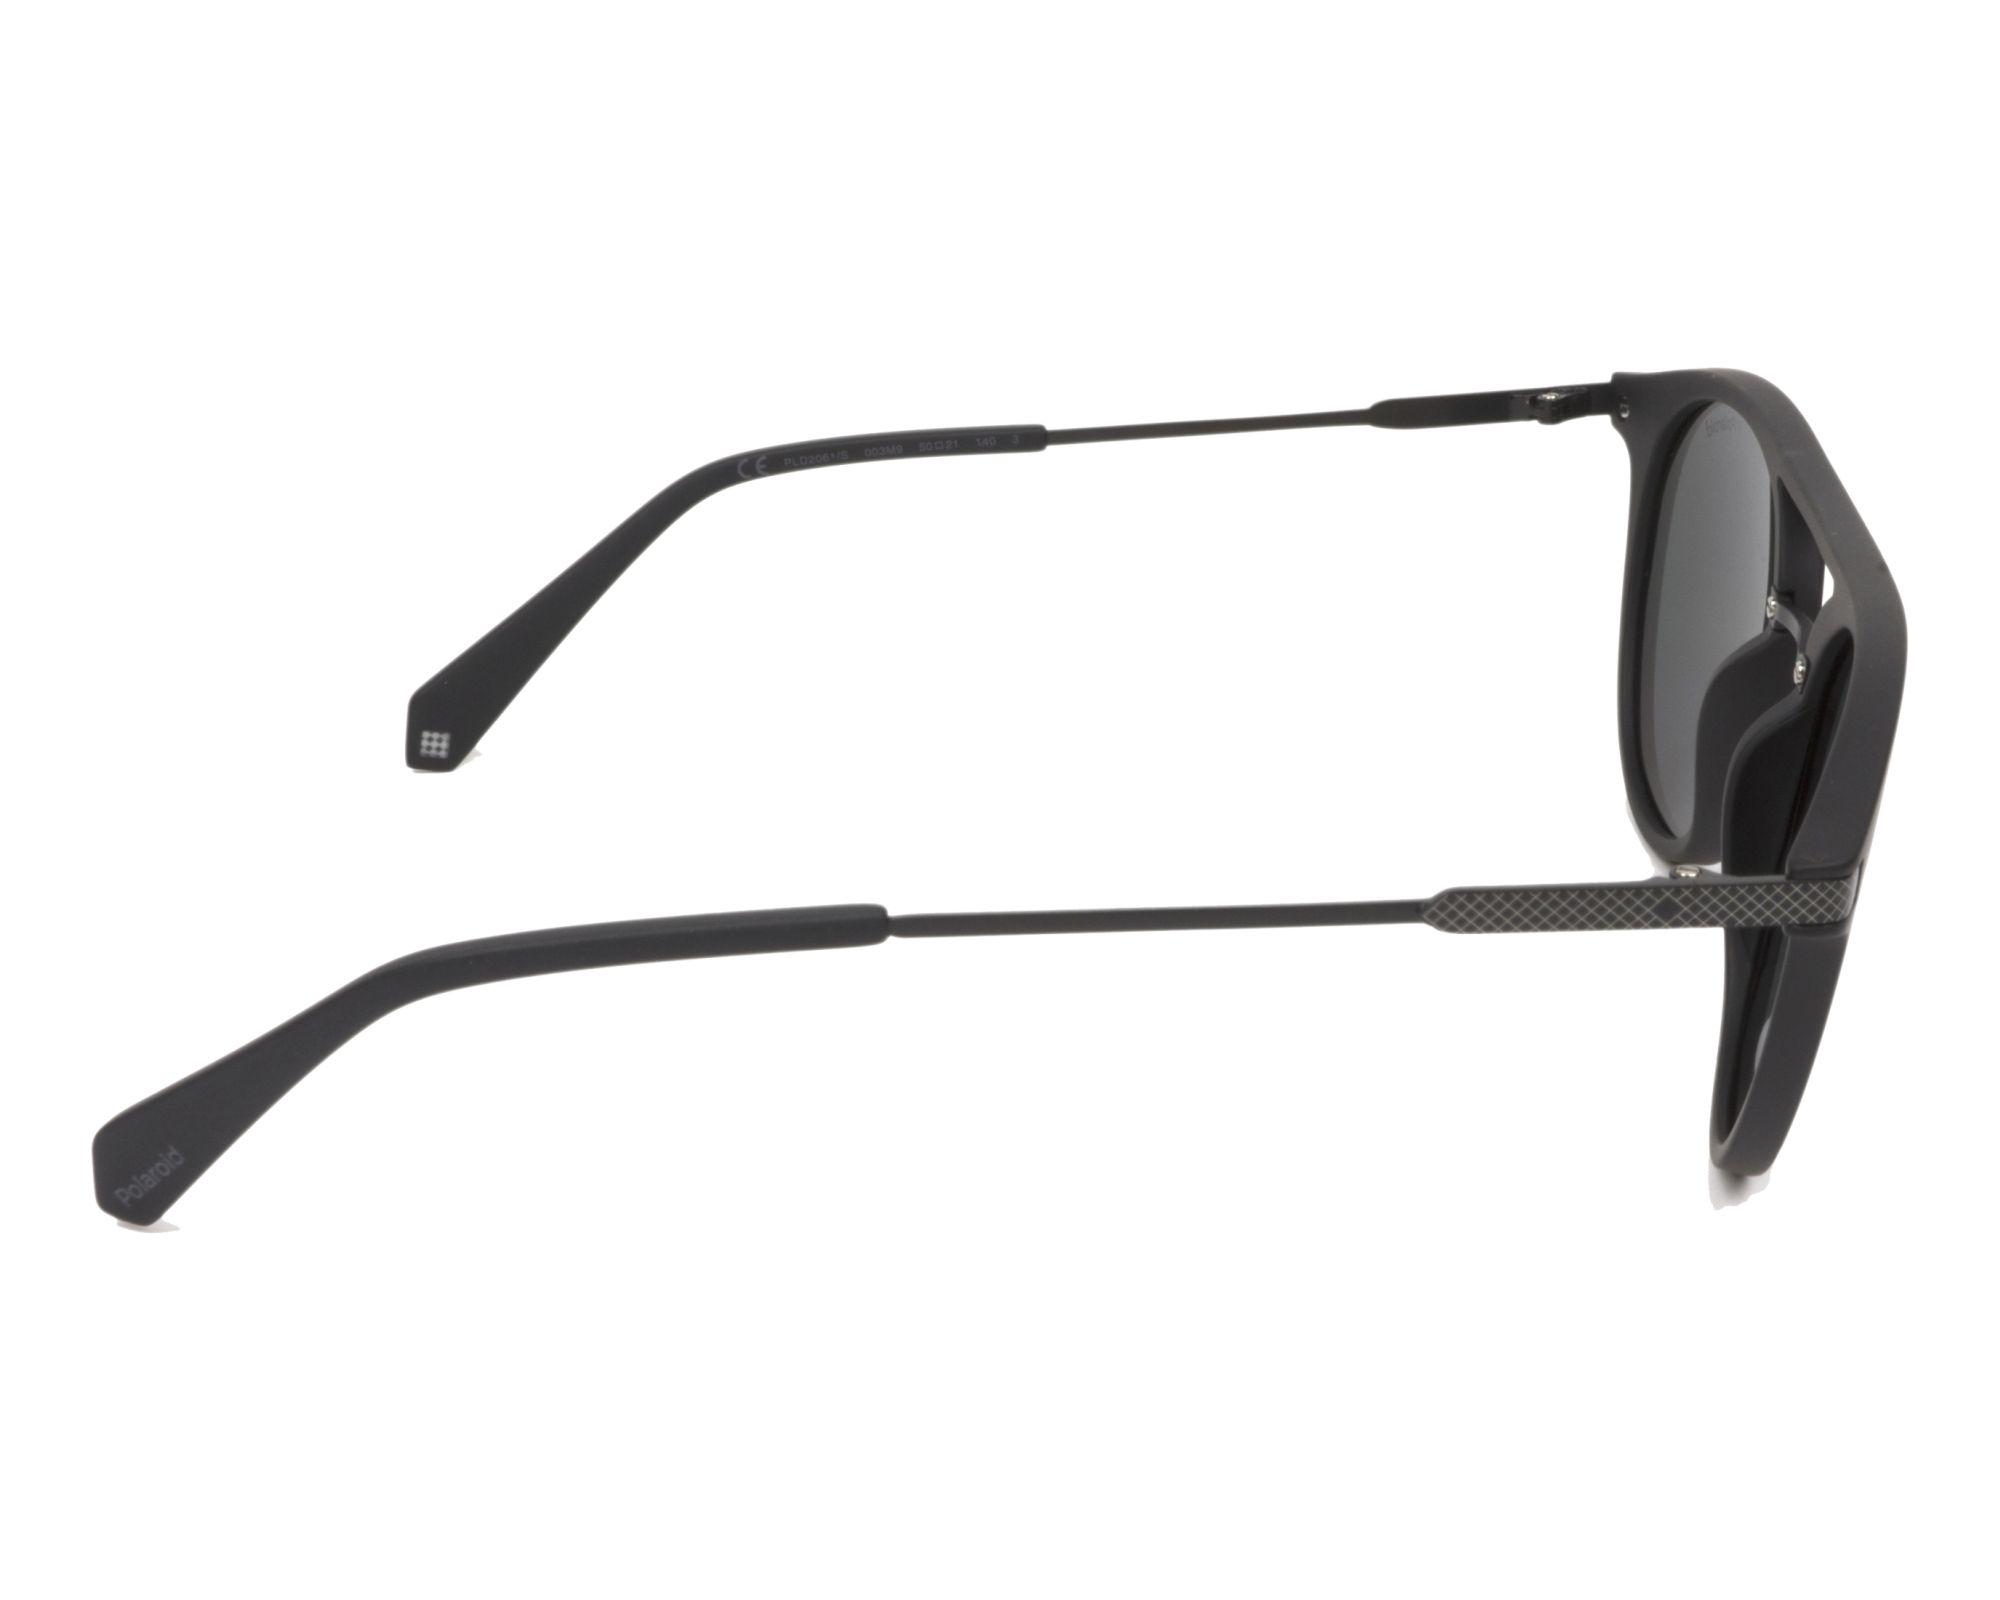 931830c1e thumbnail Sunglasses Polaroid PLD-2061-S 003/M9 - Black Black side view